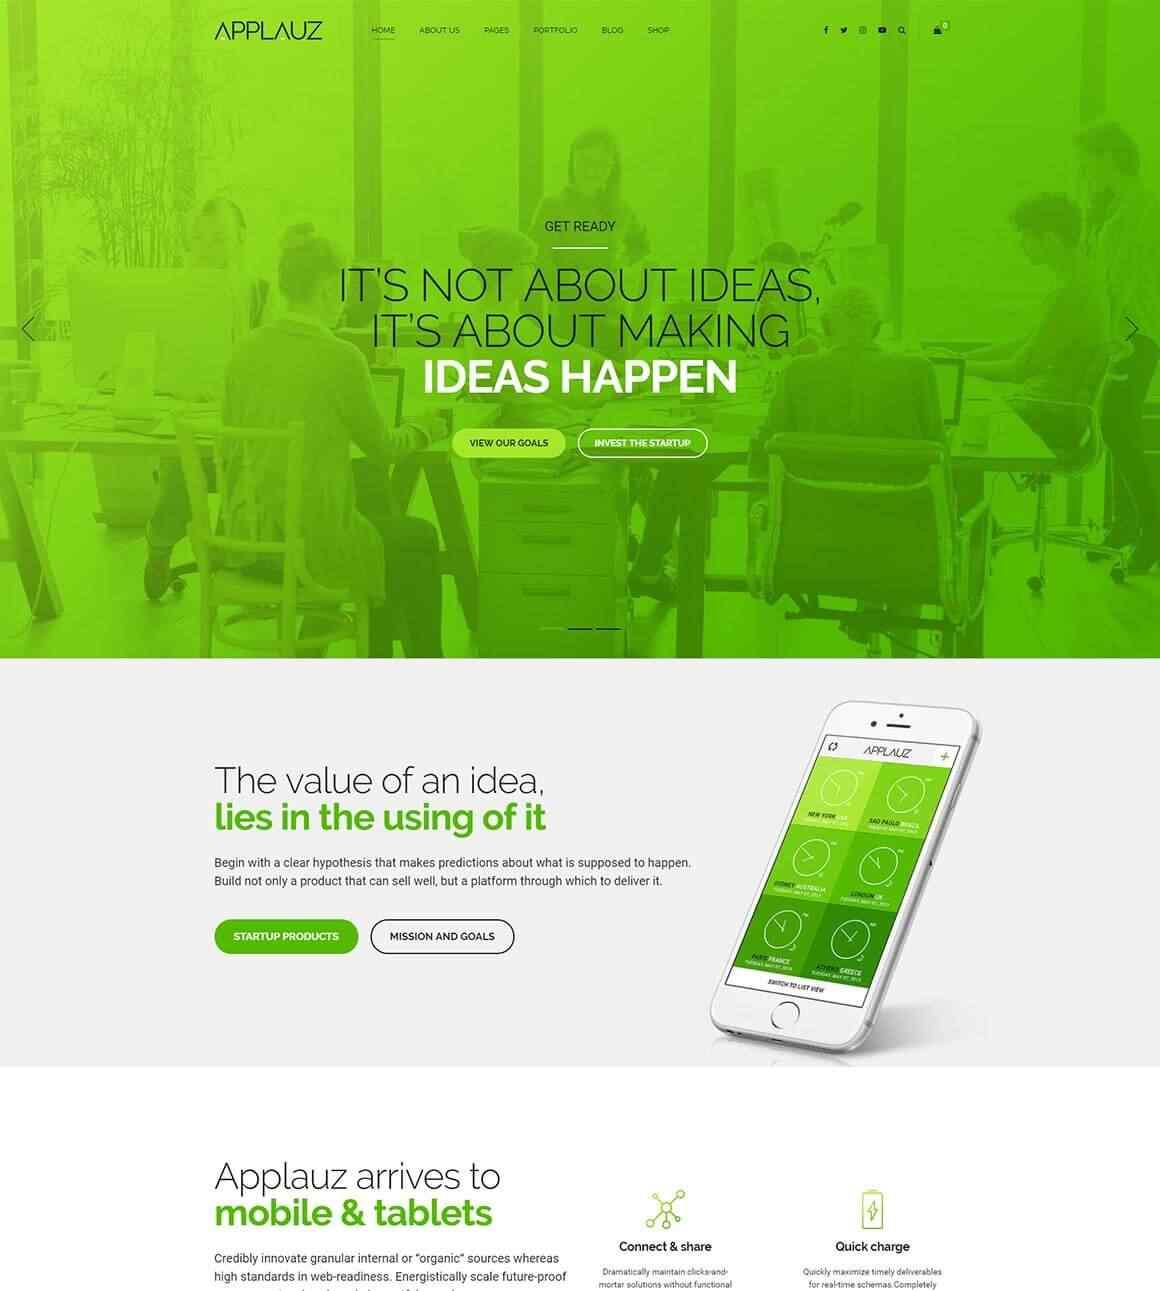 https://cscmobi.com/wp-content/uploads/2017/11/Screenshot-Startup.jpg